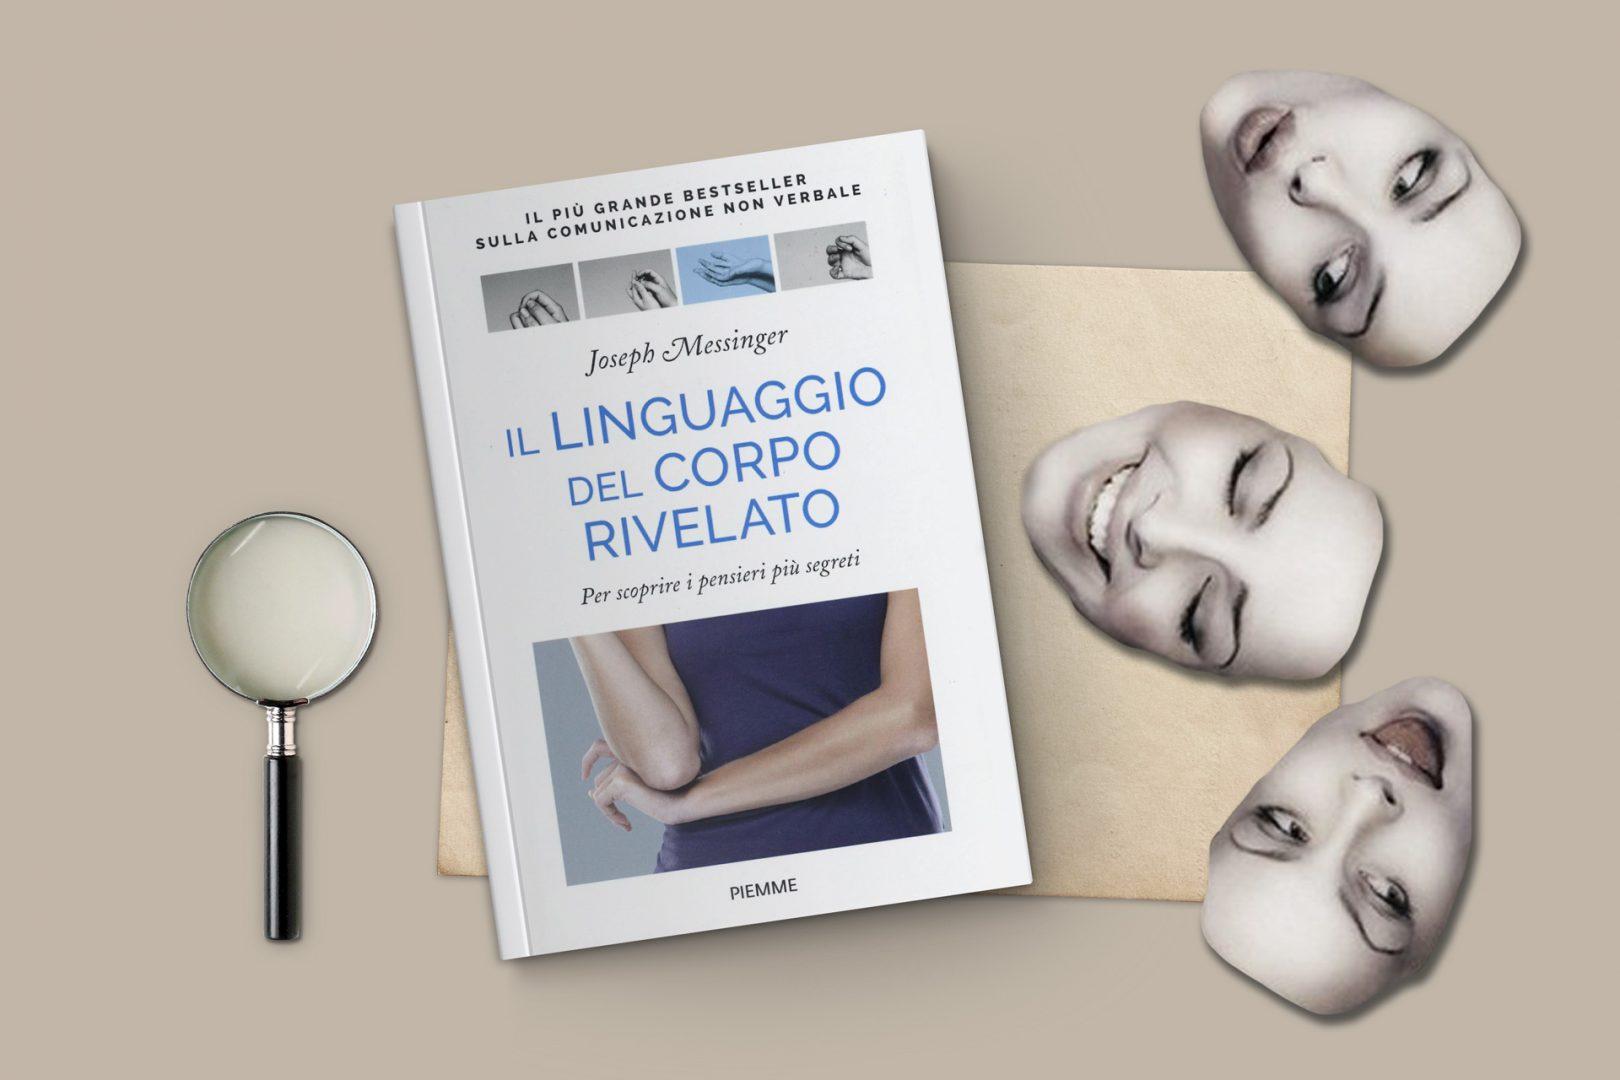 libri-sul-linguaggio-del-corpo